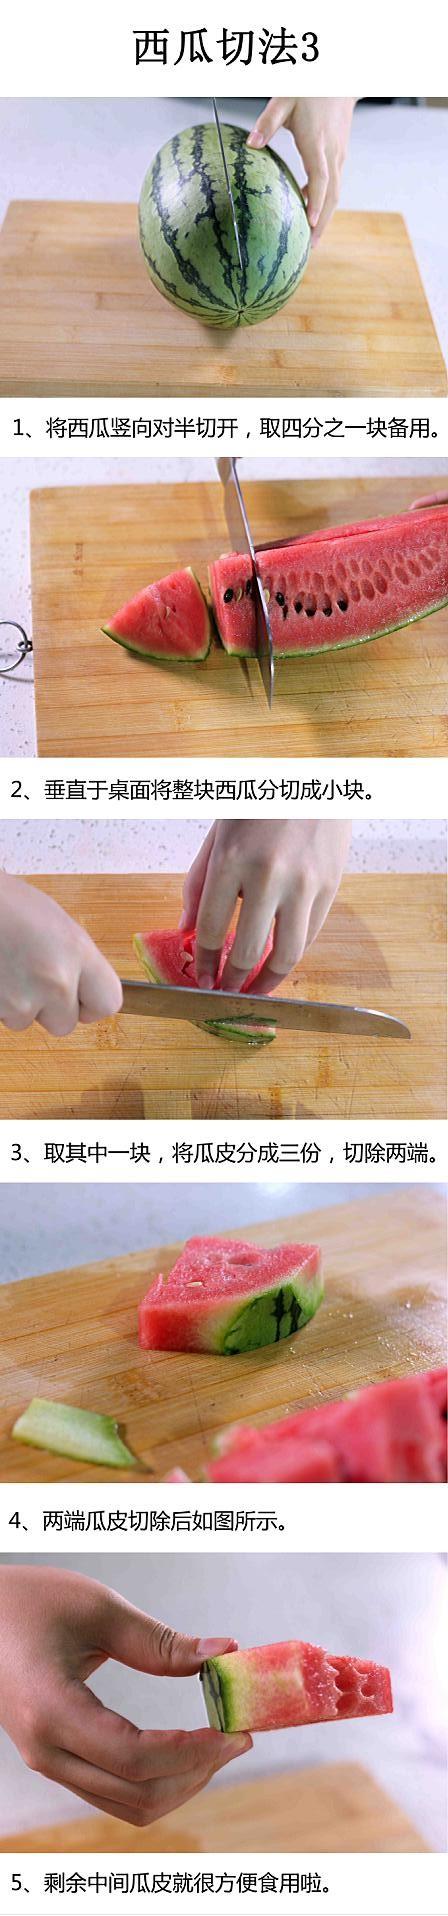 N种西瓜的闪亮切法tb.jpg